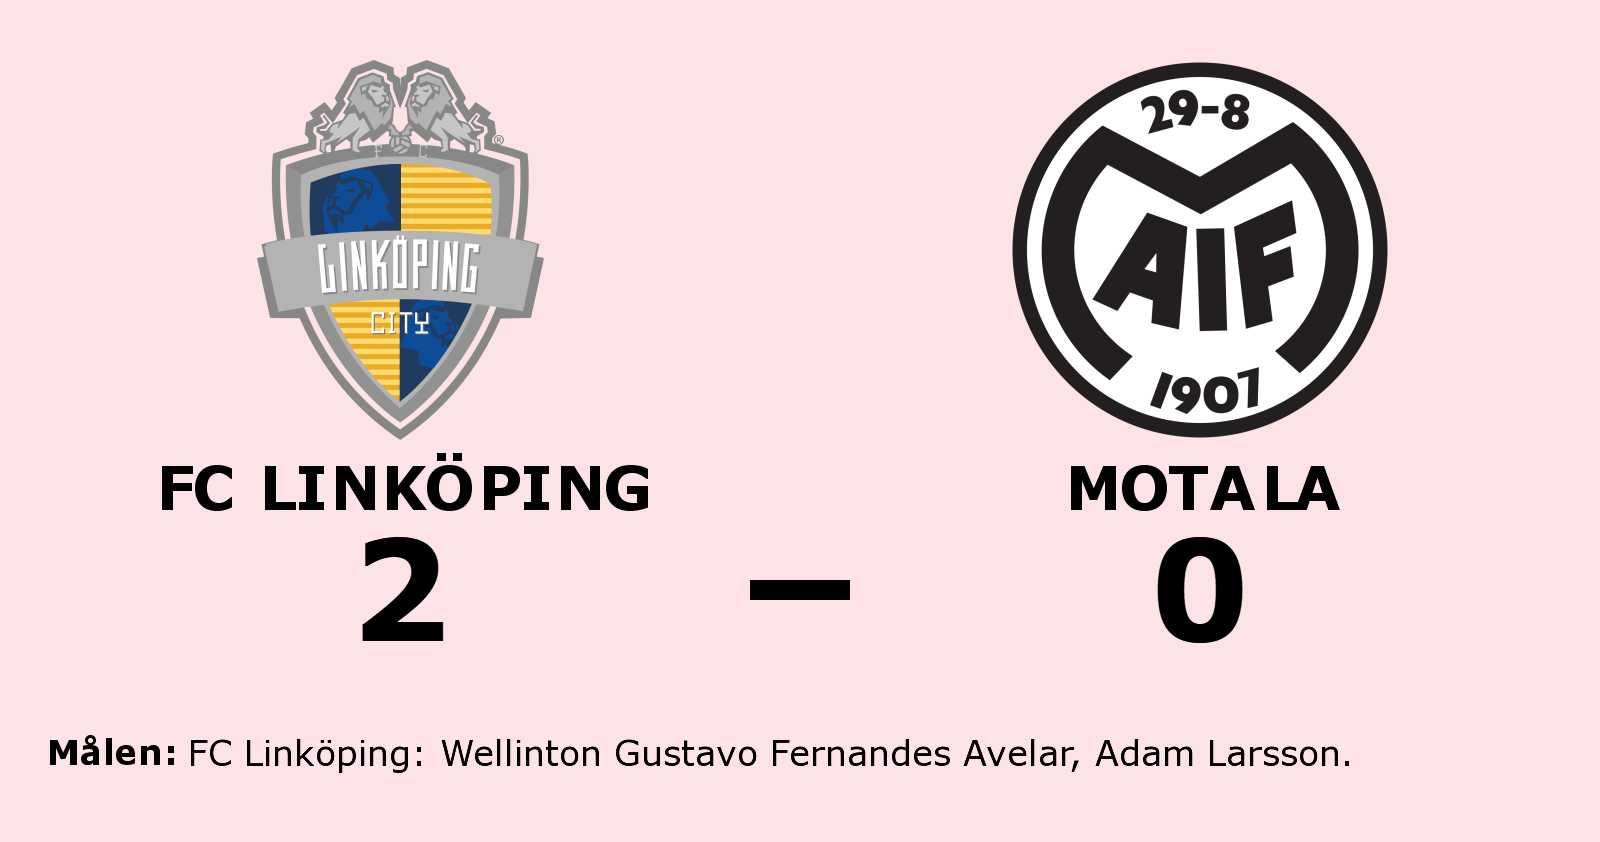 Wellinton Gustavo Fernandes Avelar och Adam Larsson matchvinnare när FC Linköping vann